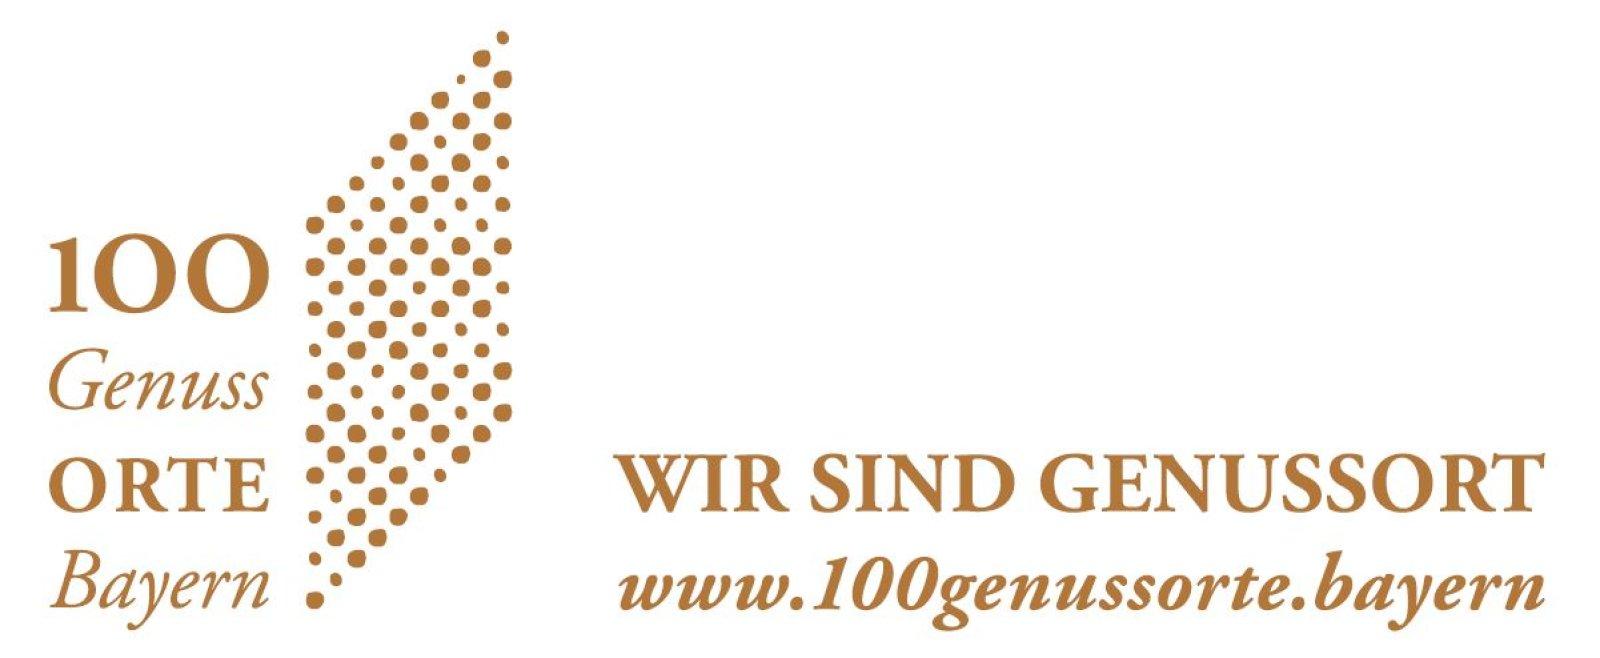 100Genussorte_Lizenznehmer_farbig_4c